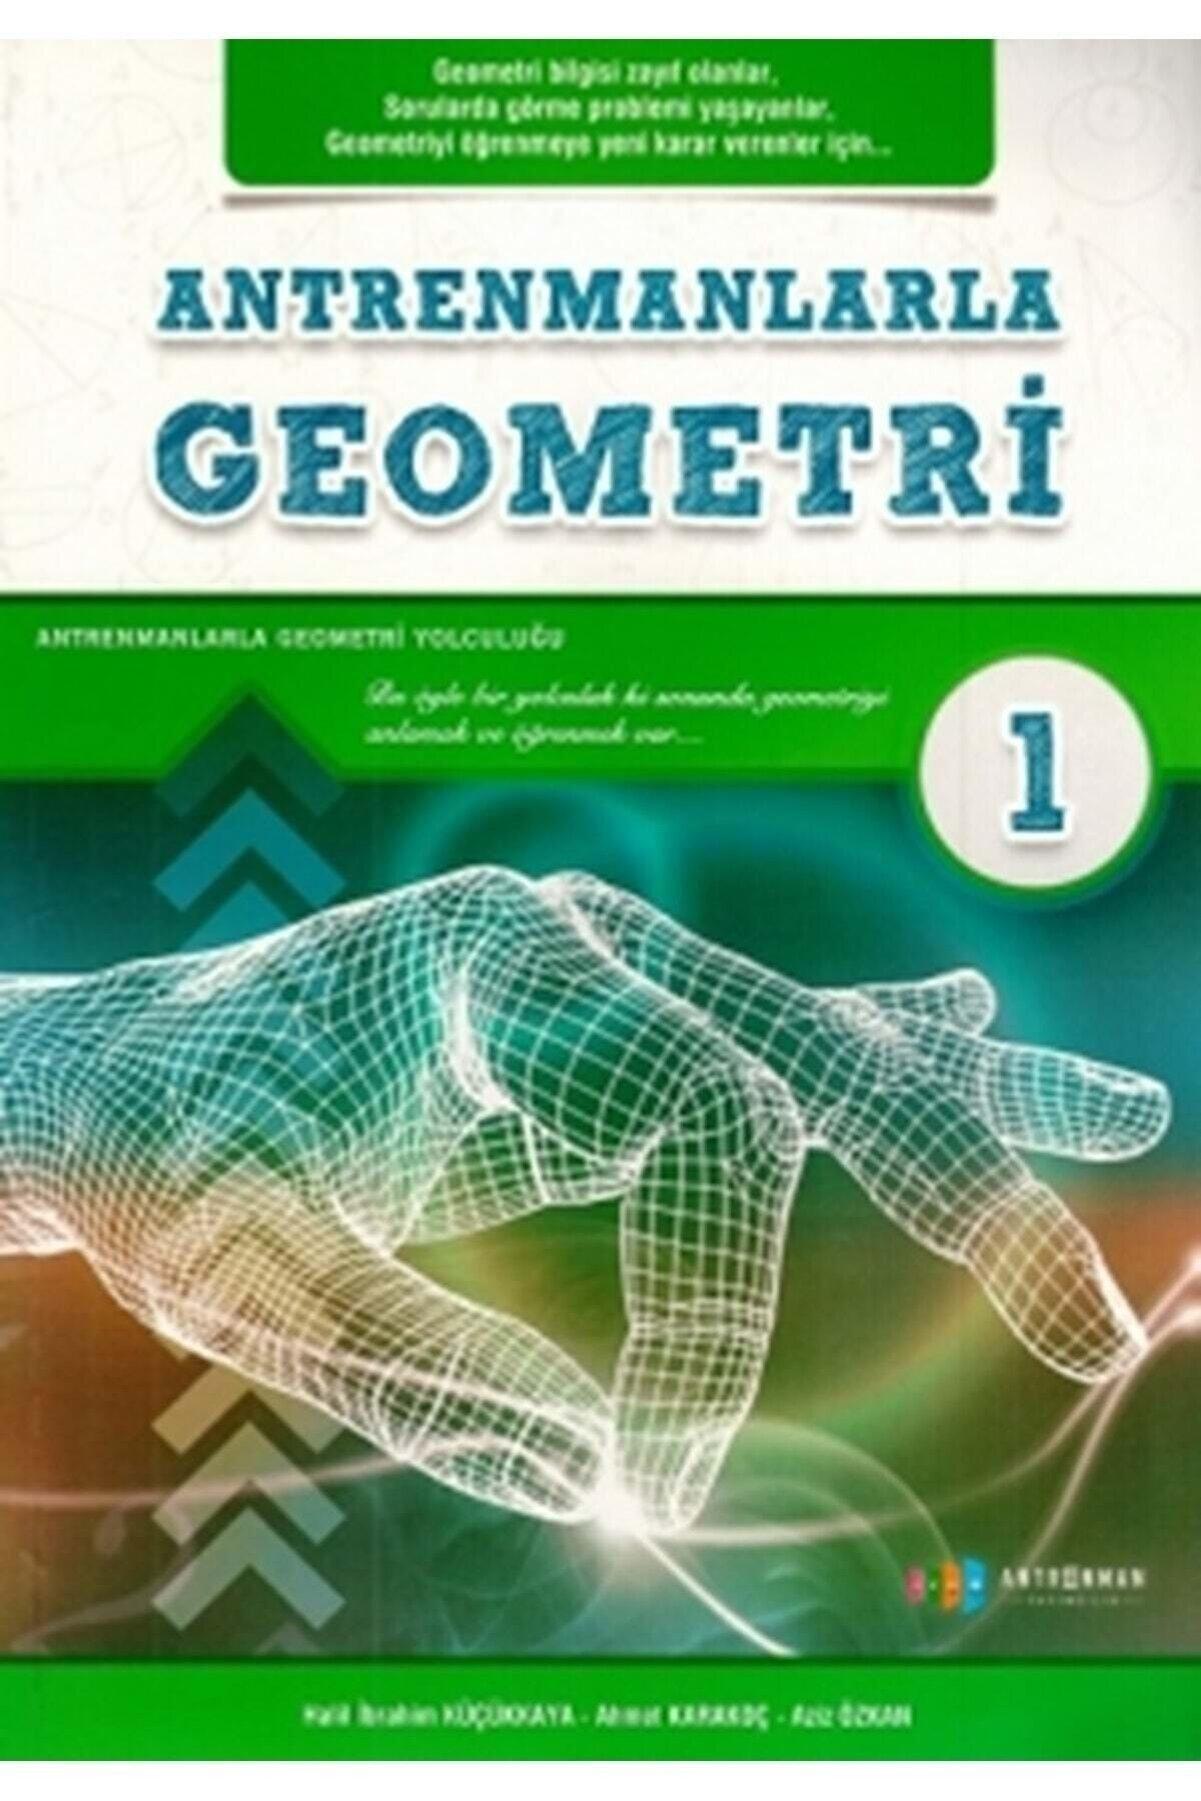 Antrenman Yayınları Antrenmanlarla Geometri-1 Tyt-ayt Uyumlu